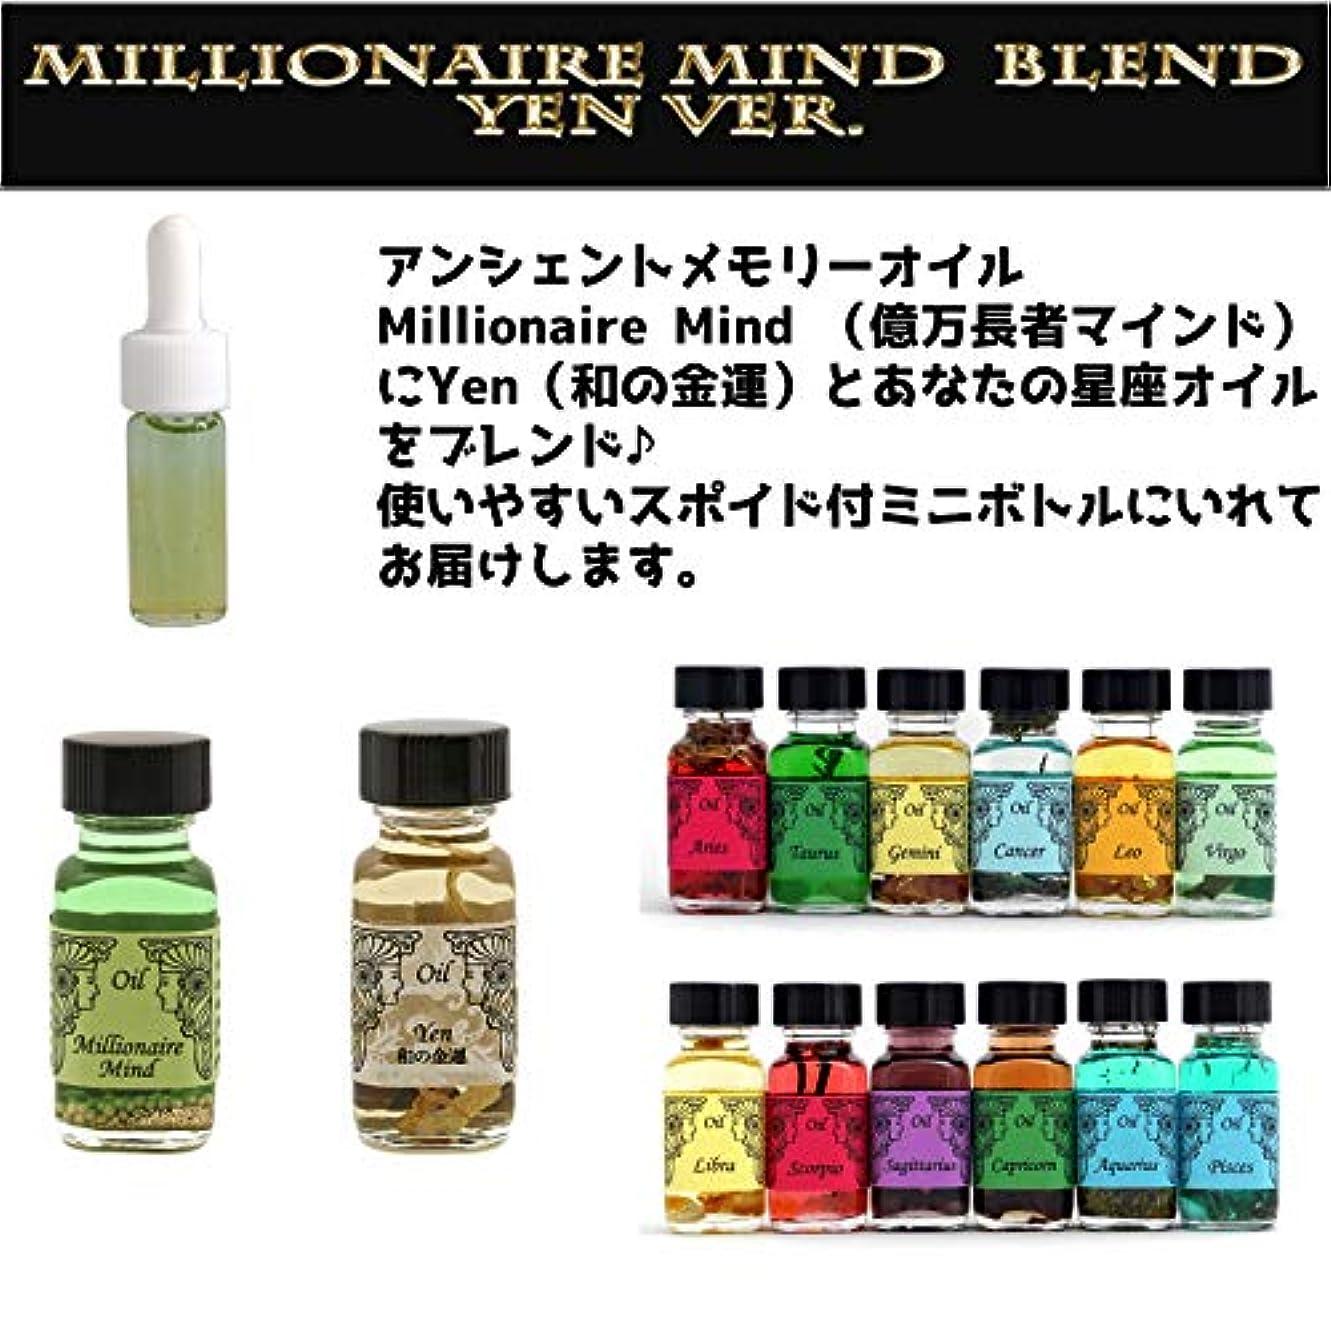 直面する咲く後悔アンシェントメモリーオイル Millionaire Mind 億万長者マインド ブレンド【Yen 和の金運&やぎ座】